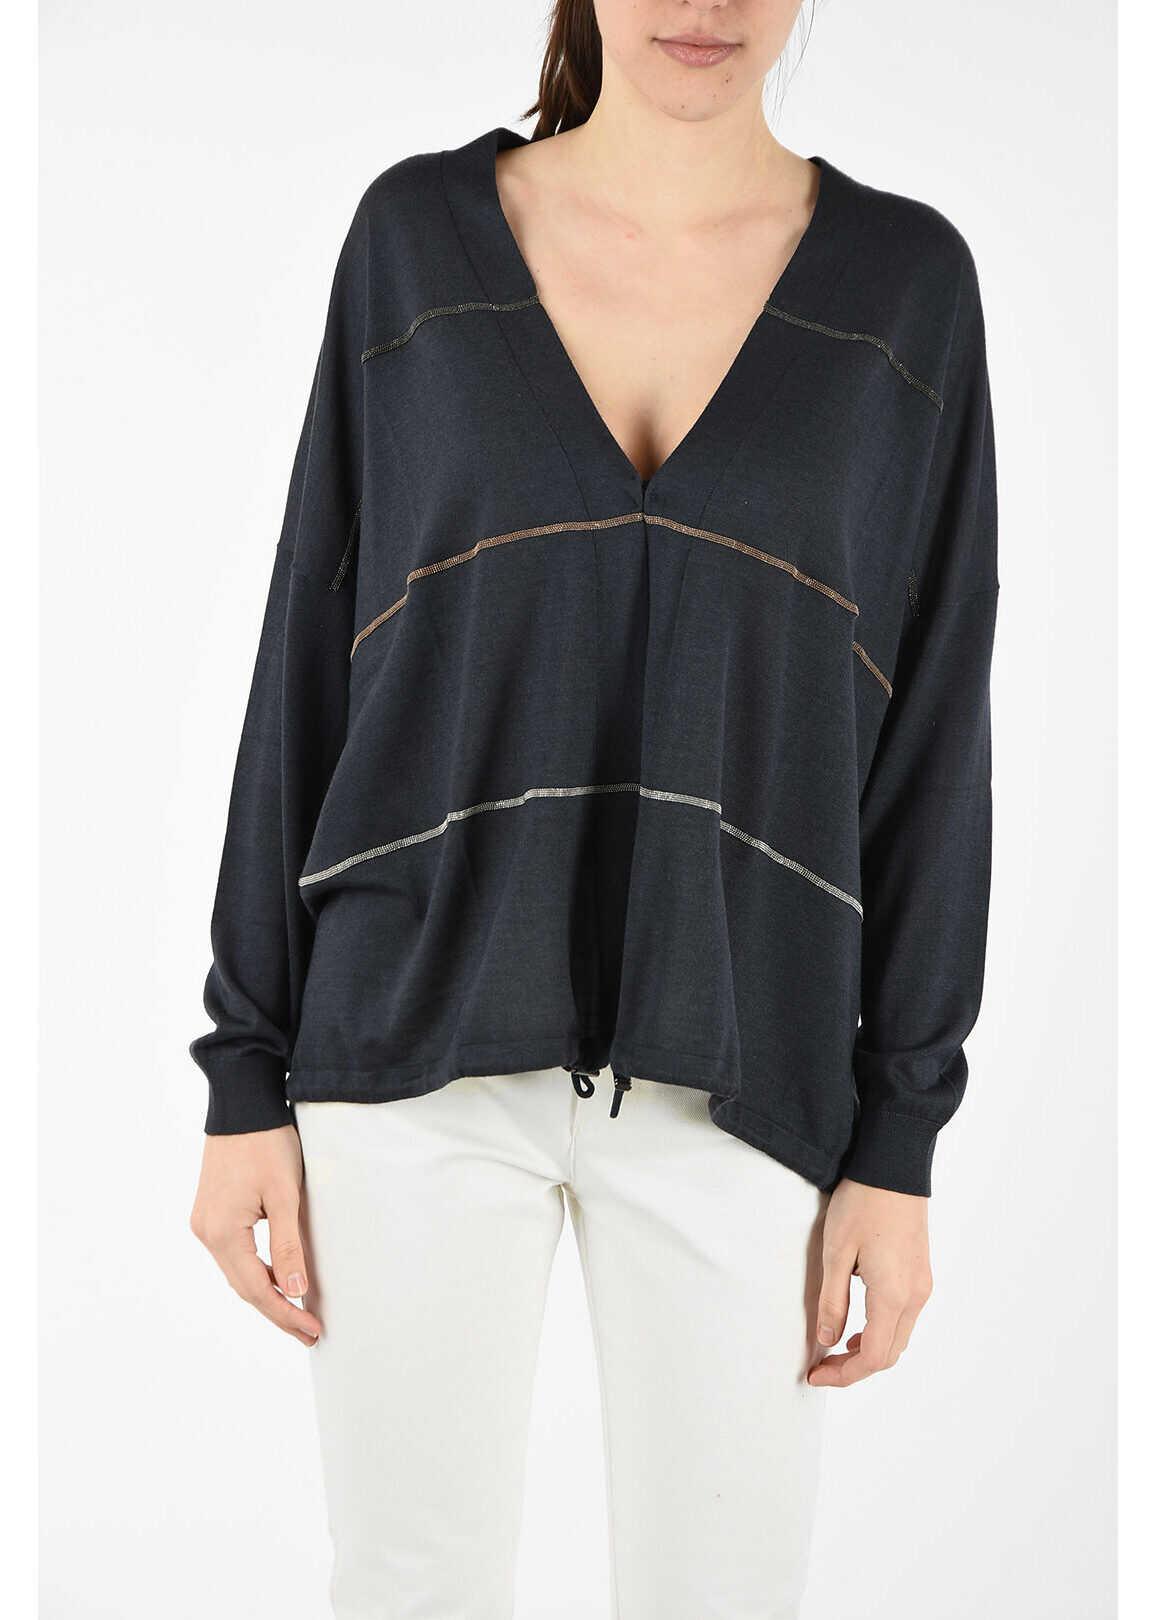 Brunello Cucinelli silk and cashmere cardigan GRAY